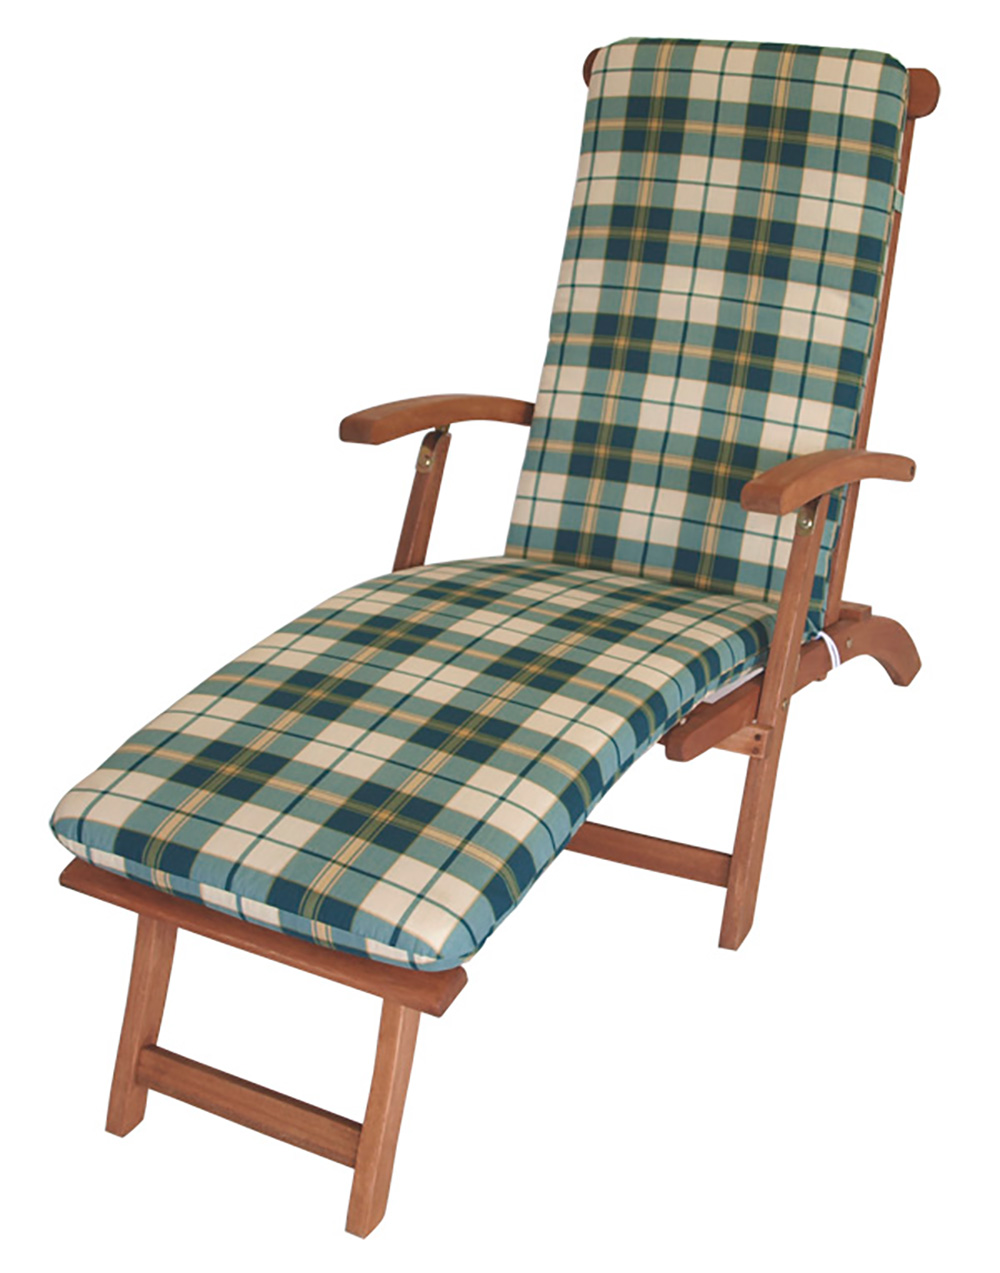 auflage liegestuhl gartenm bel deckchair polster liegestuhlauflage boston gr n. Black Bedroom Furniture Sets. Home Design Ideas